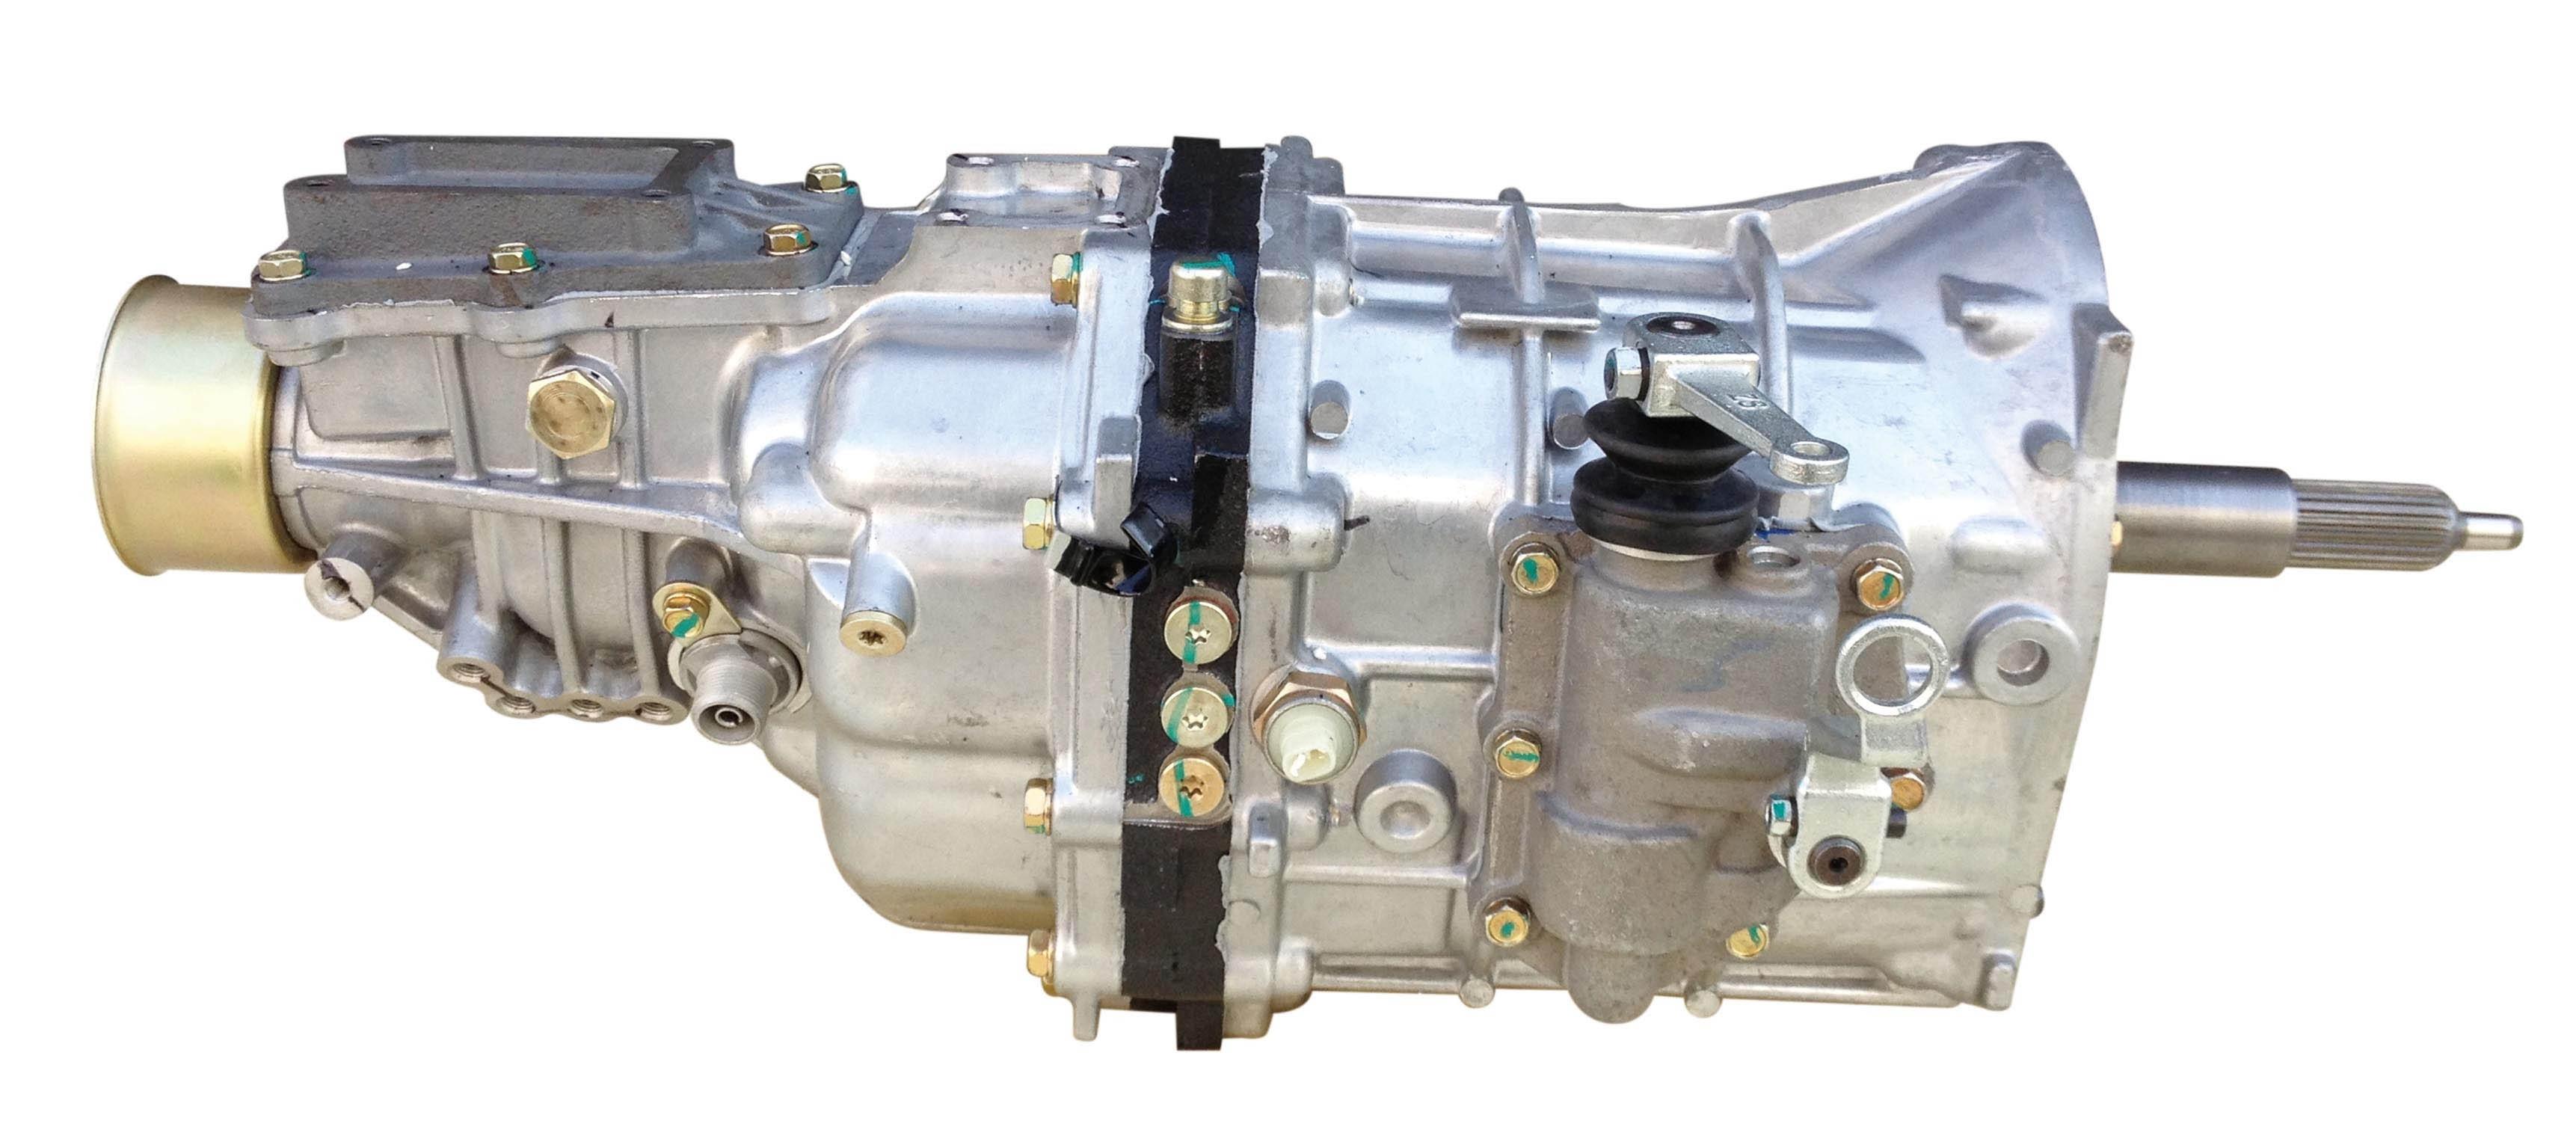 HIACE Quantum Automotive Transmission enlarge